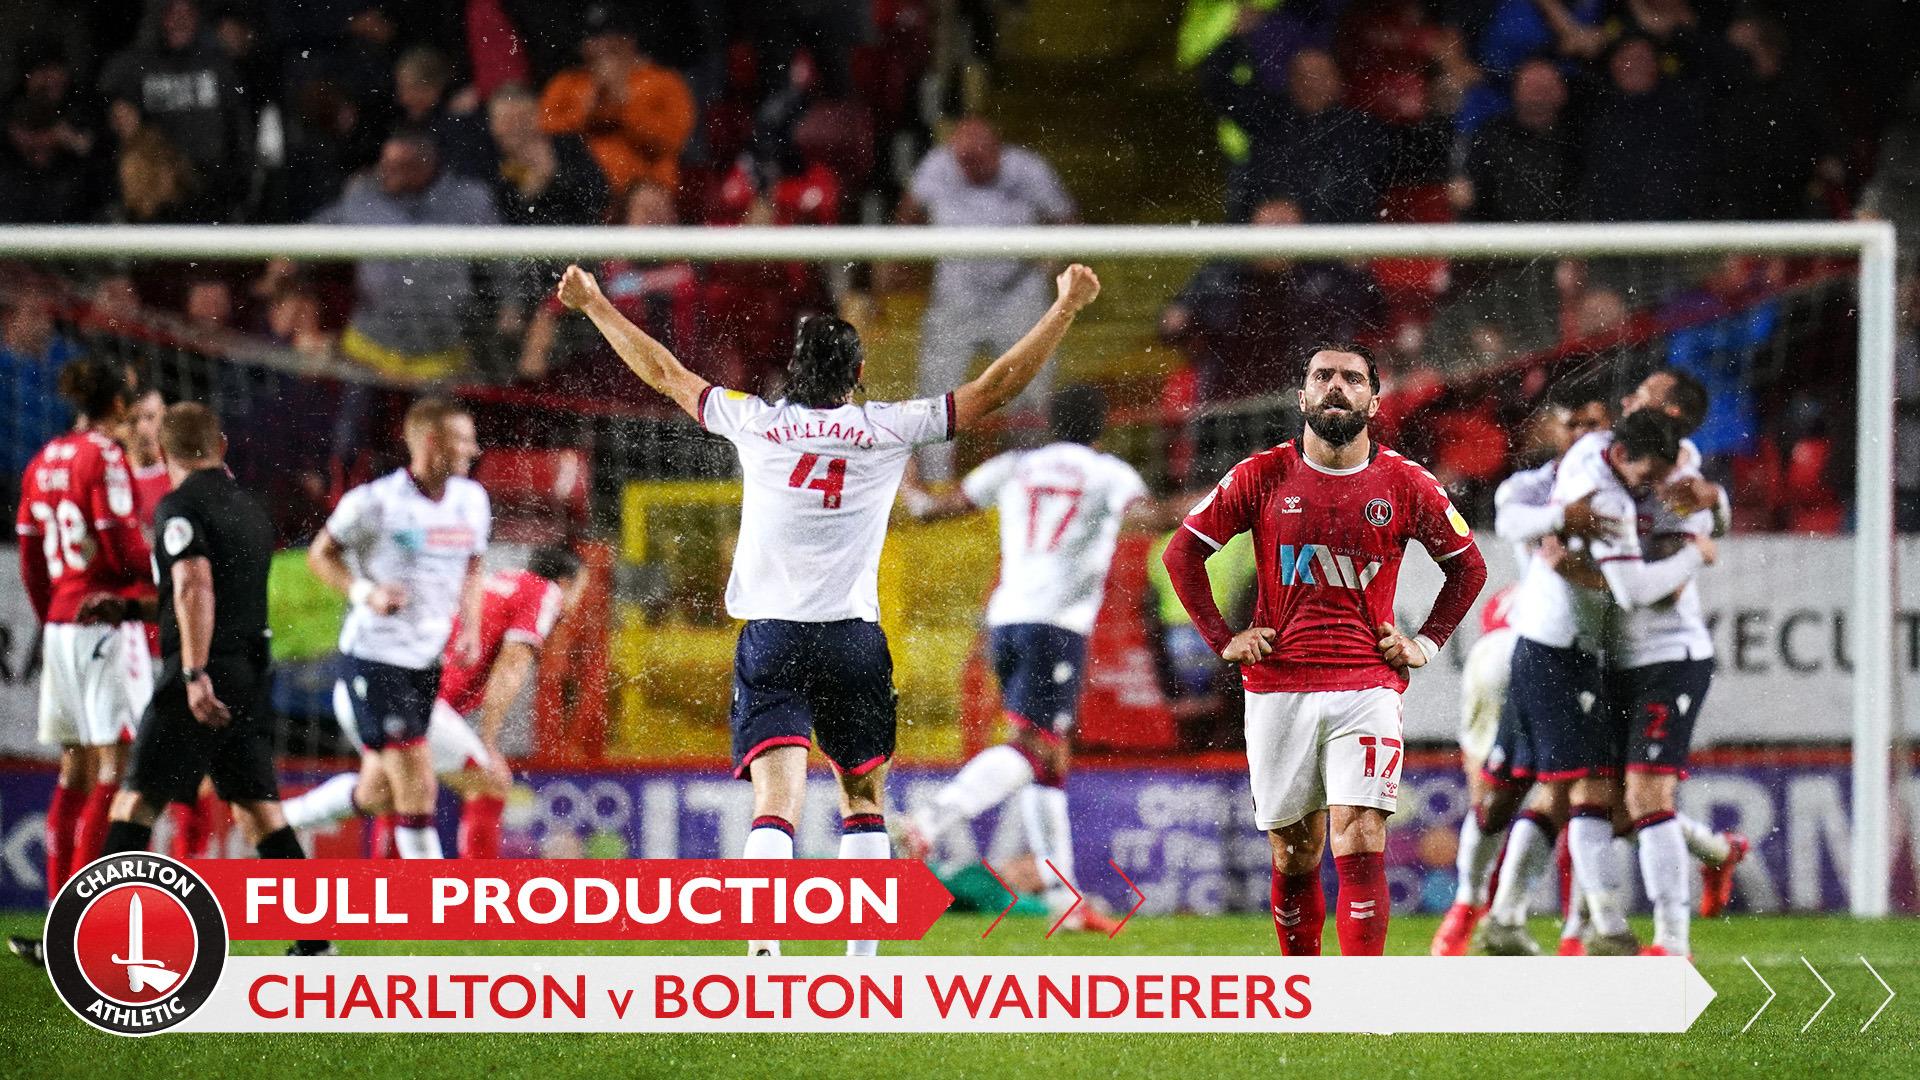 CharltonTV | Full broadcast - Bolton Wanderers (September 2021)